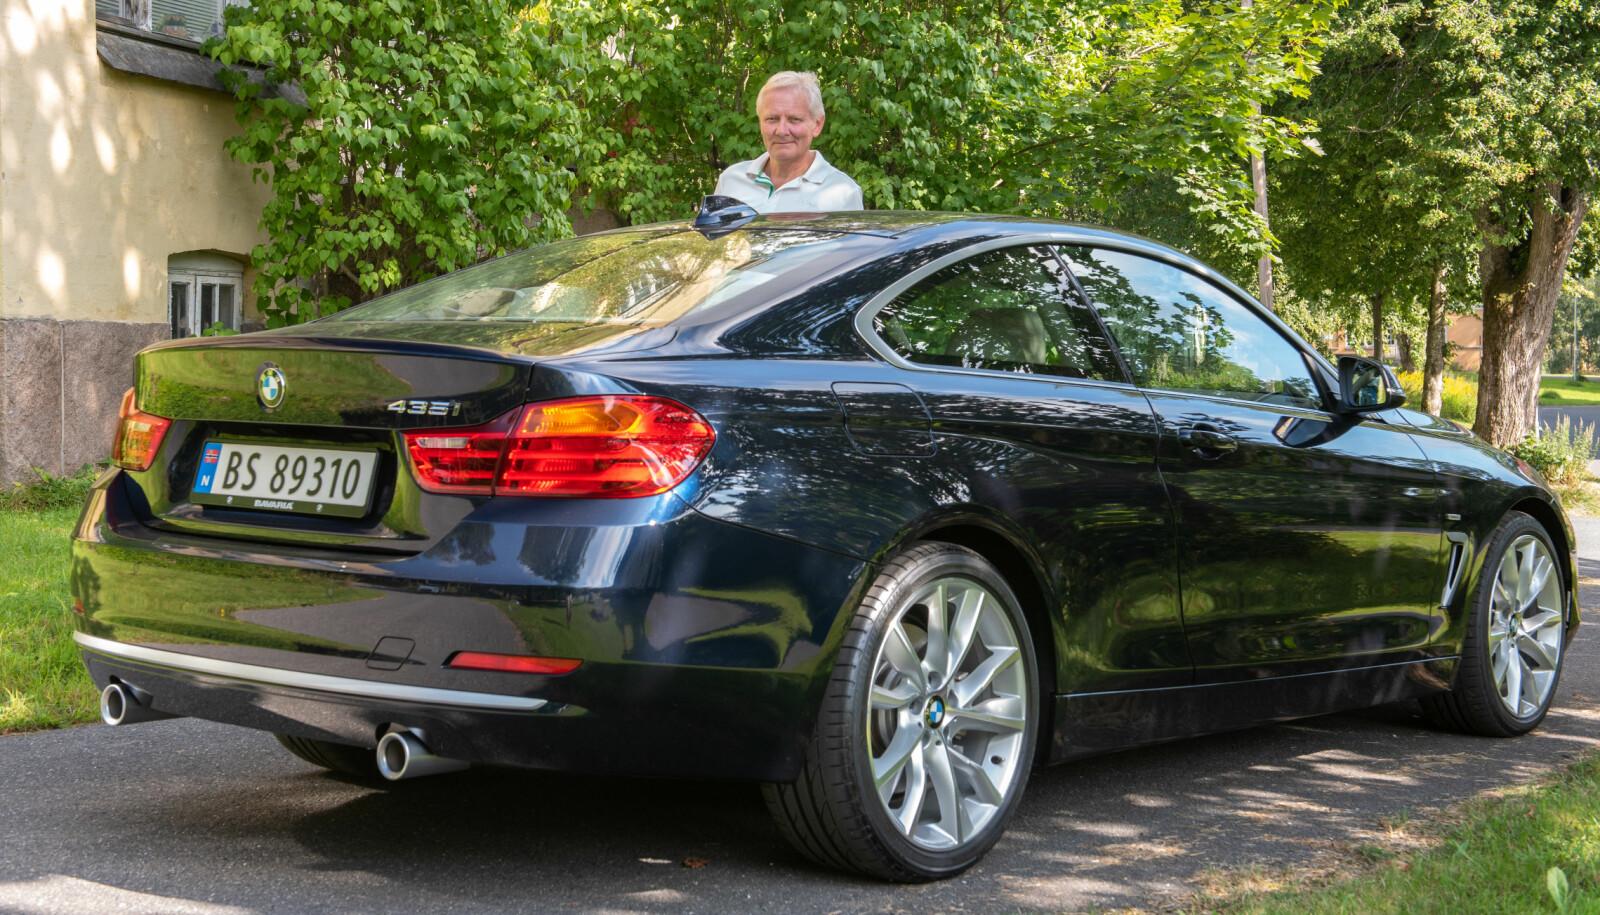 <b>DRØMMEN:</b> – En av de vakreste BMW-ene noensinne er den slanke, store coupéen med fabrikkoden E9, bygget fra 1968 til 1975. Jeg eier selv ingen slik, men tenker at den er selve inkarnasjonen av BMW, sier Stein Pauli Nilsen.